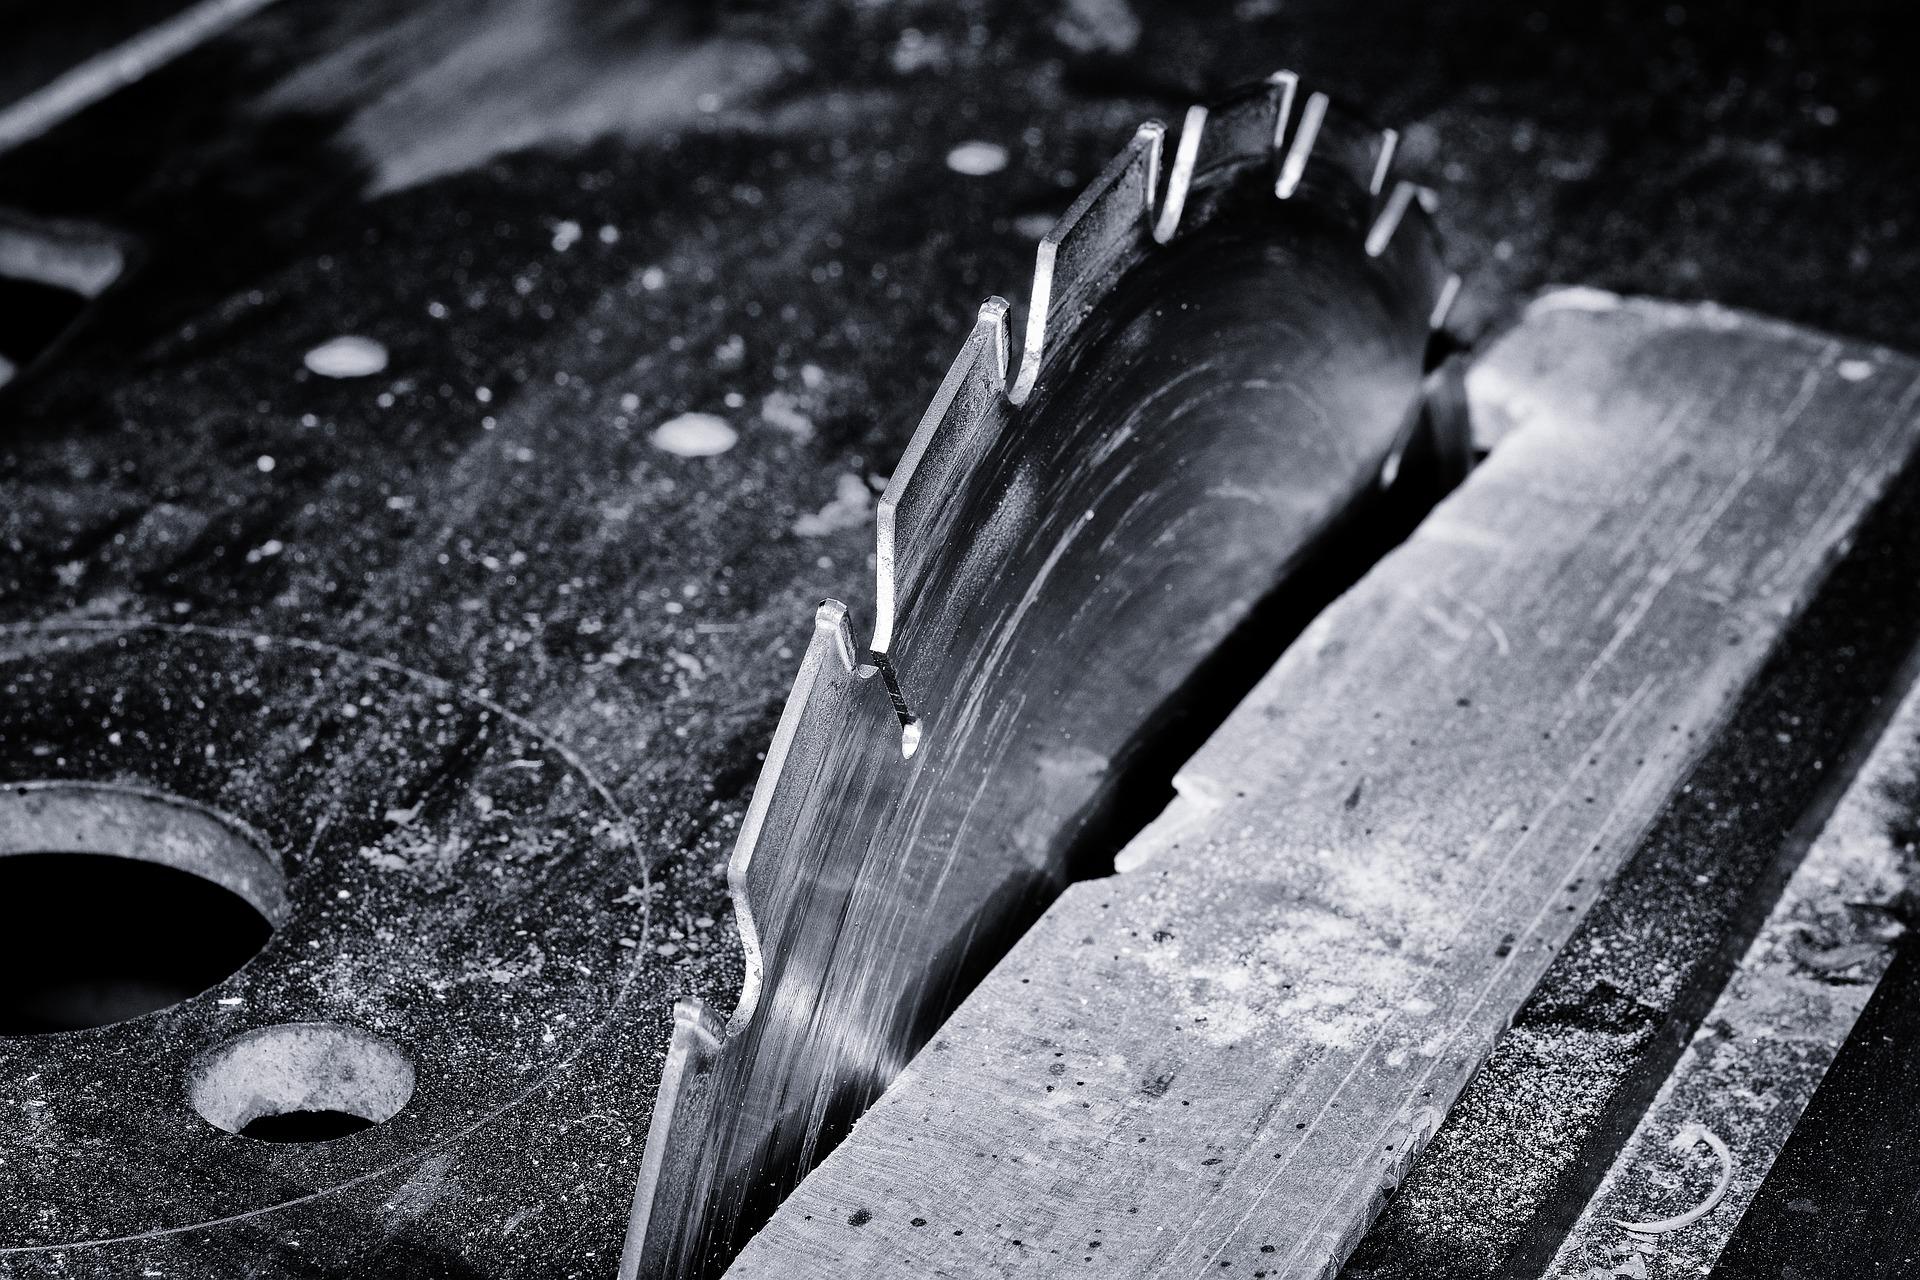 saw-667139_1920